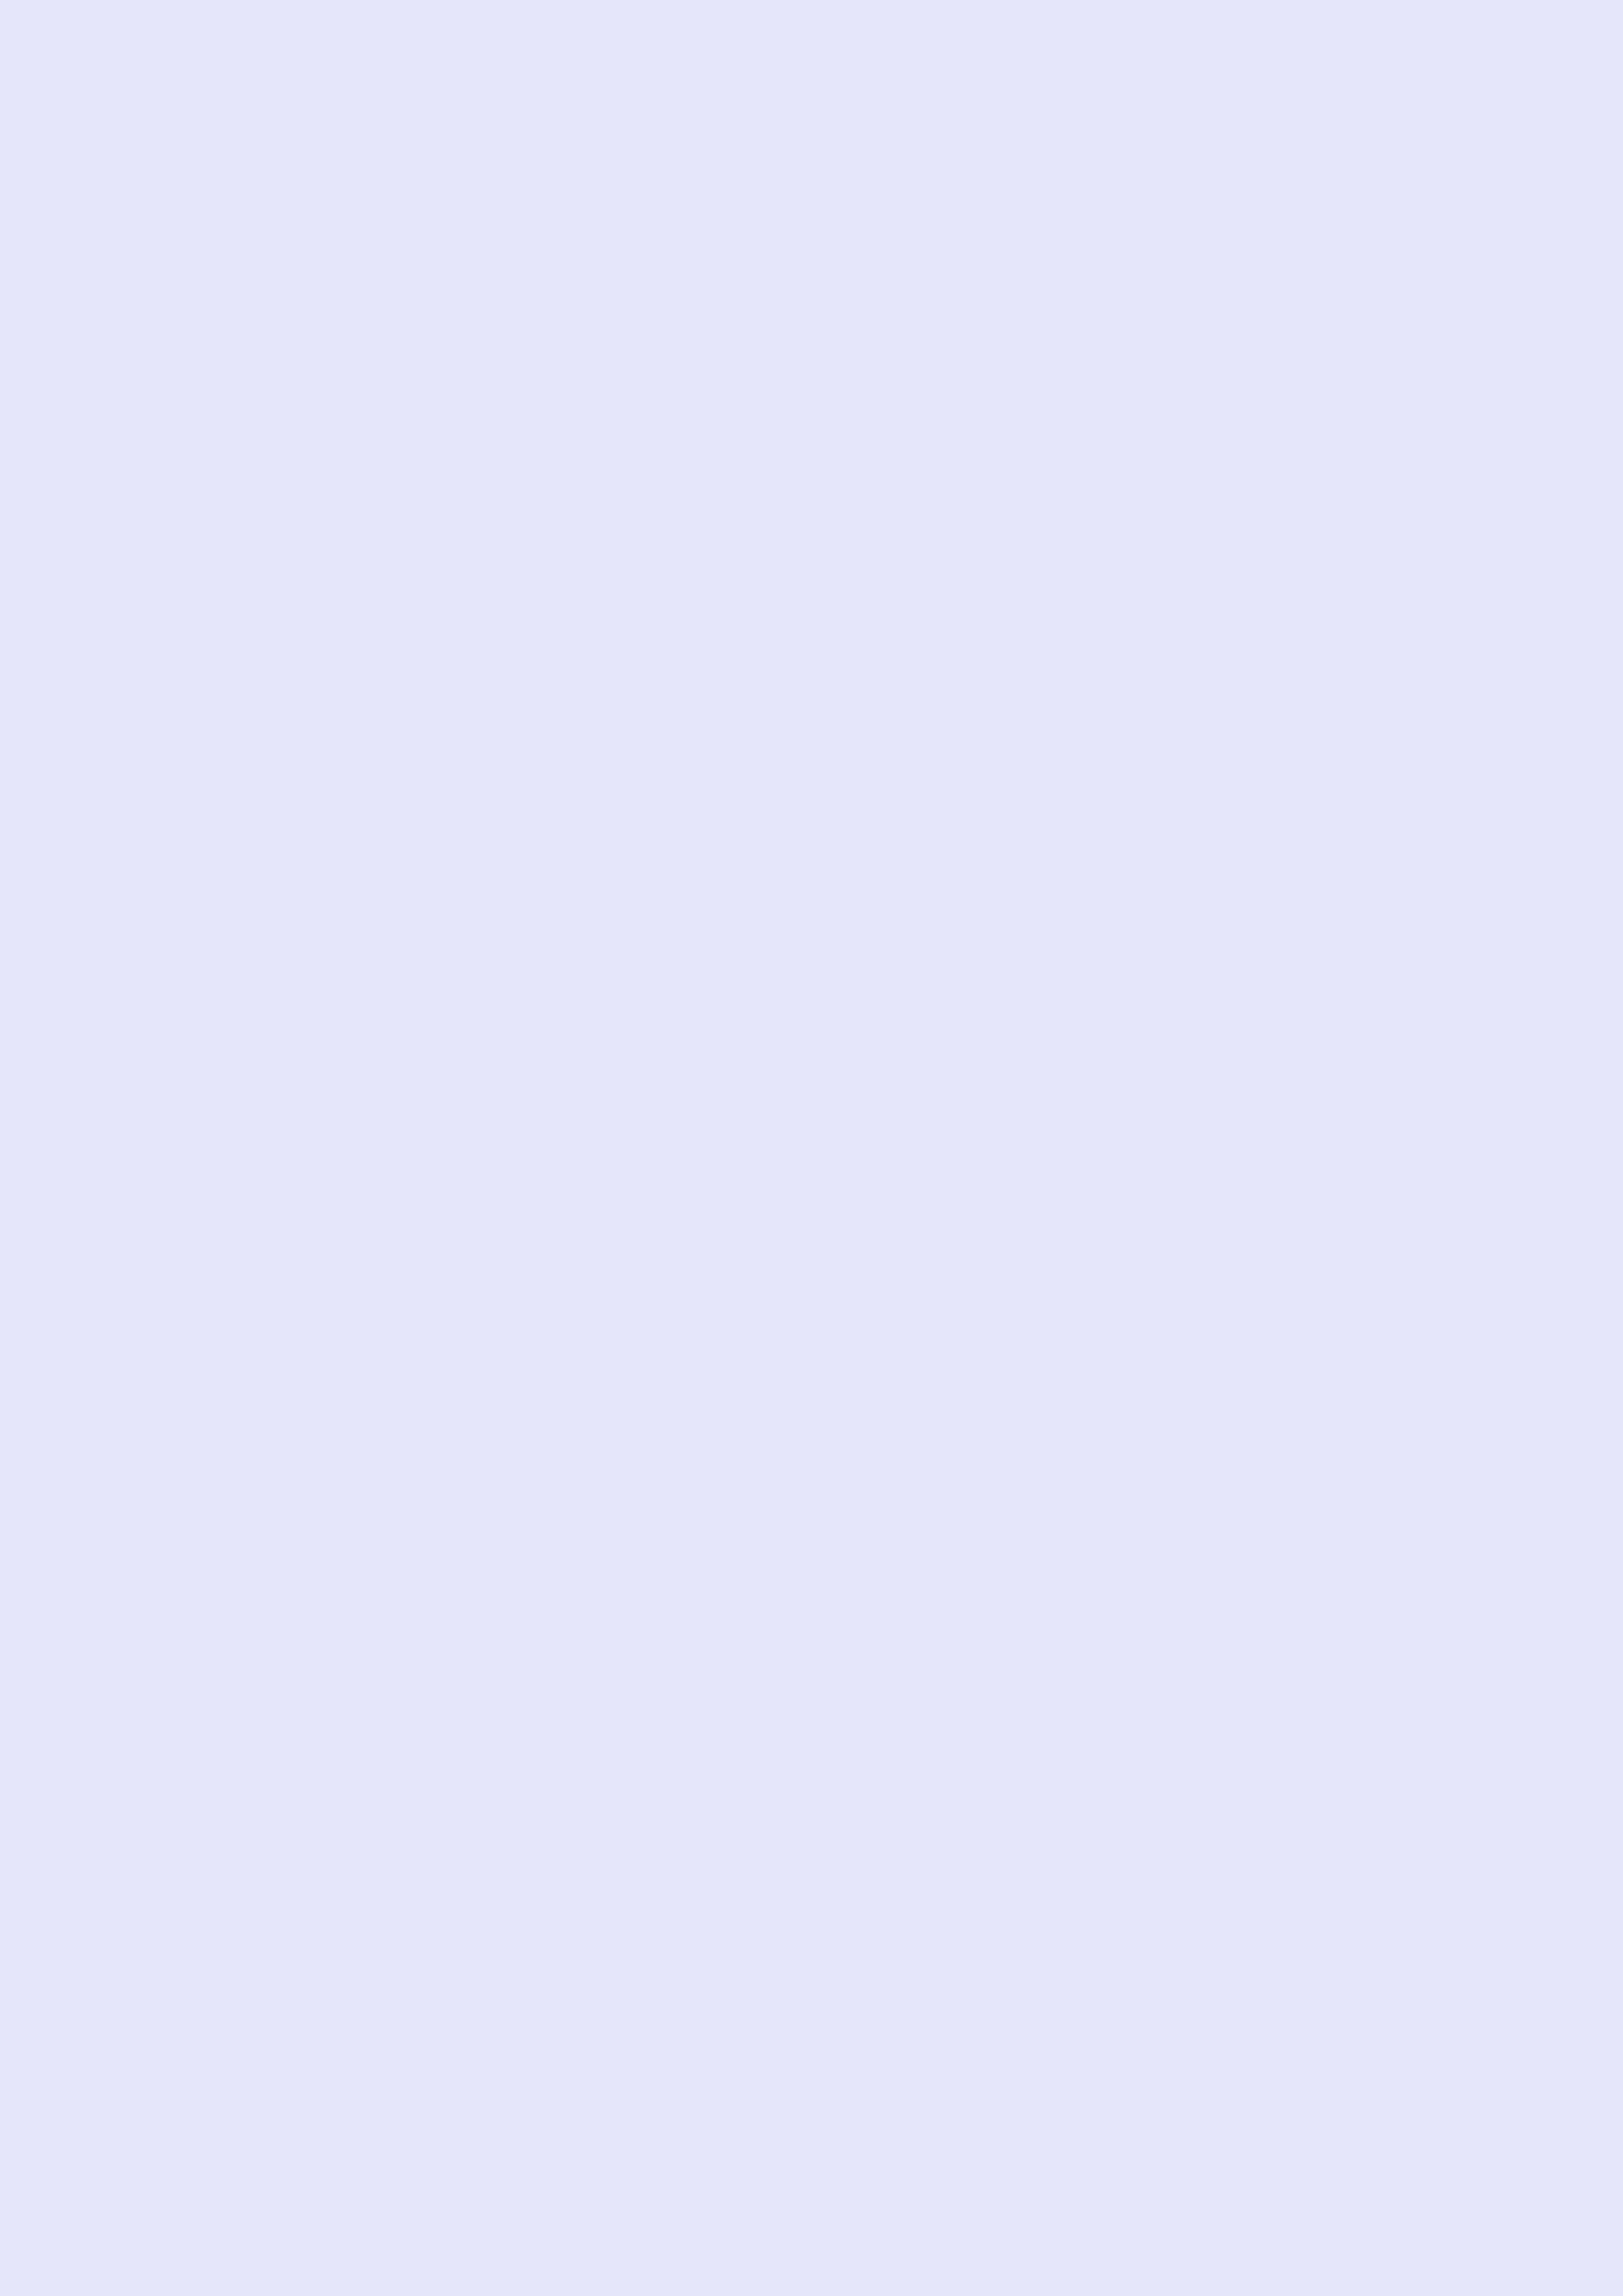 2480x3508 Lavender Mist Solid Color Background